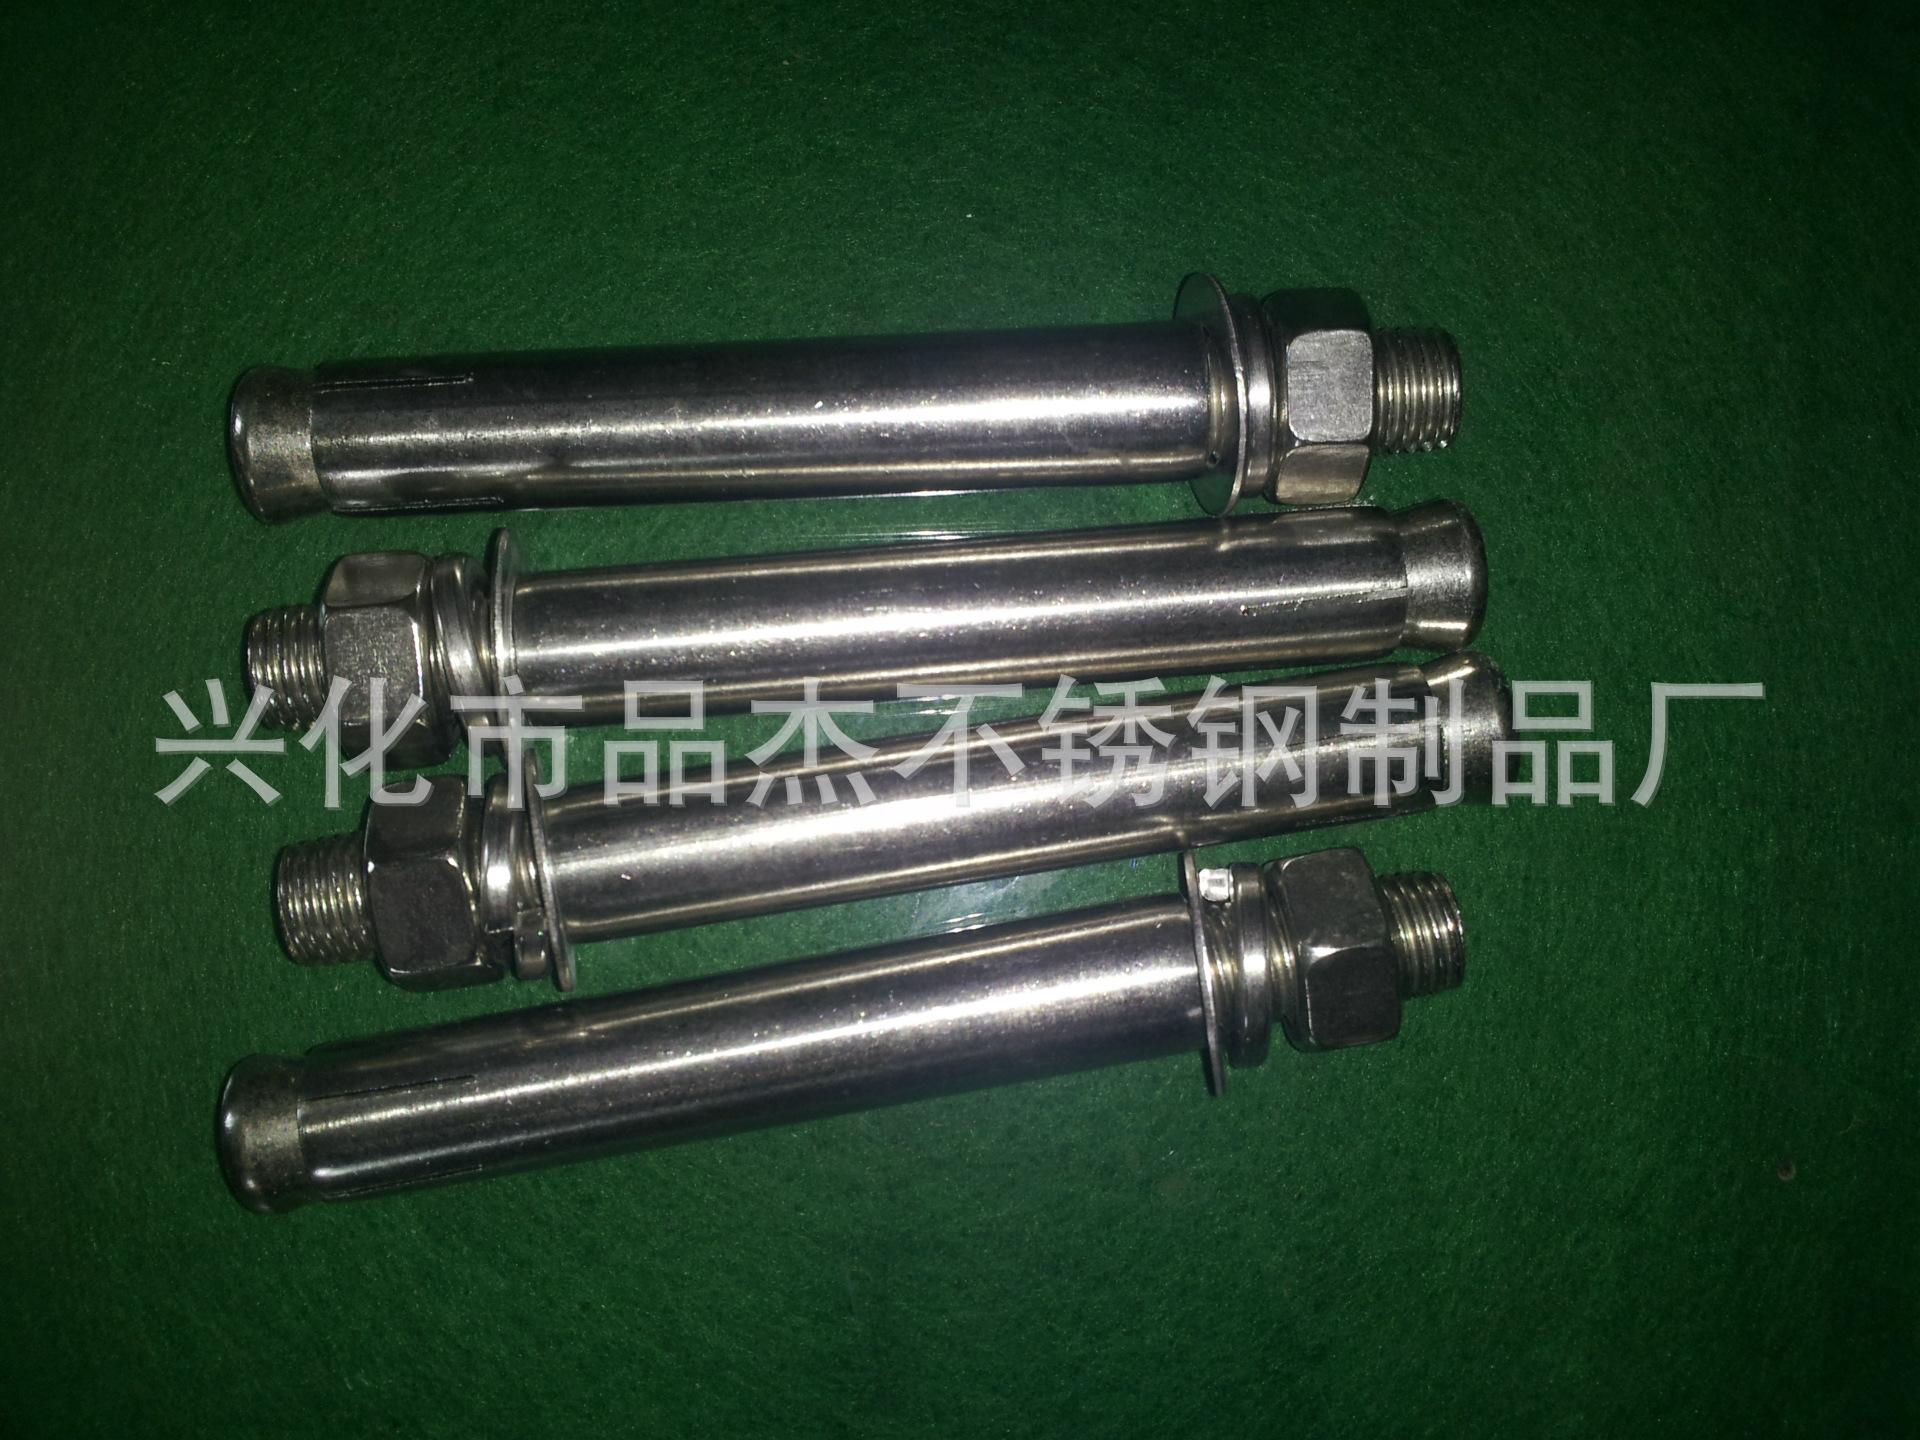 不锈钢膨胀螺栓 专业生产 不锈钢内爆膨胀螺栓 不锈钢膨胀螺栓 阿里巴